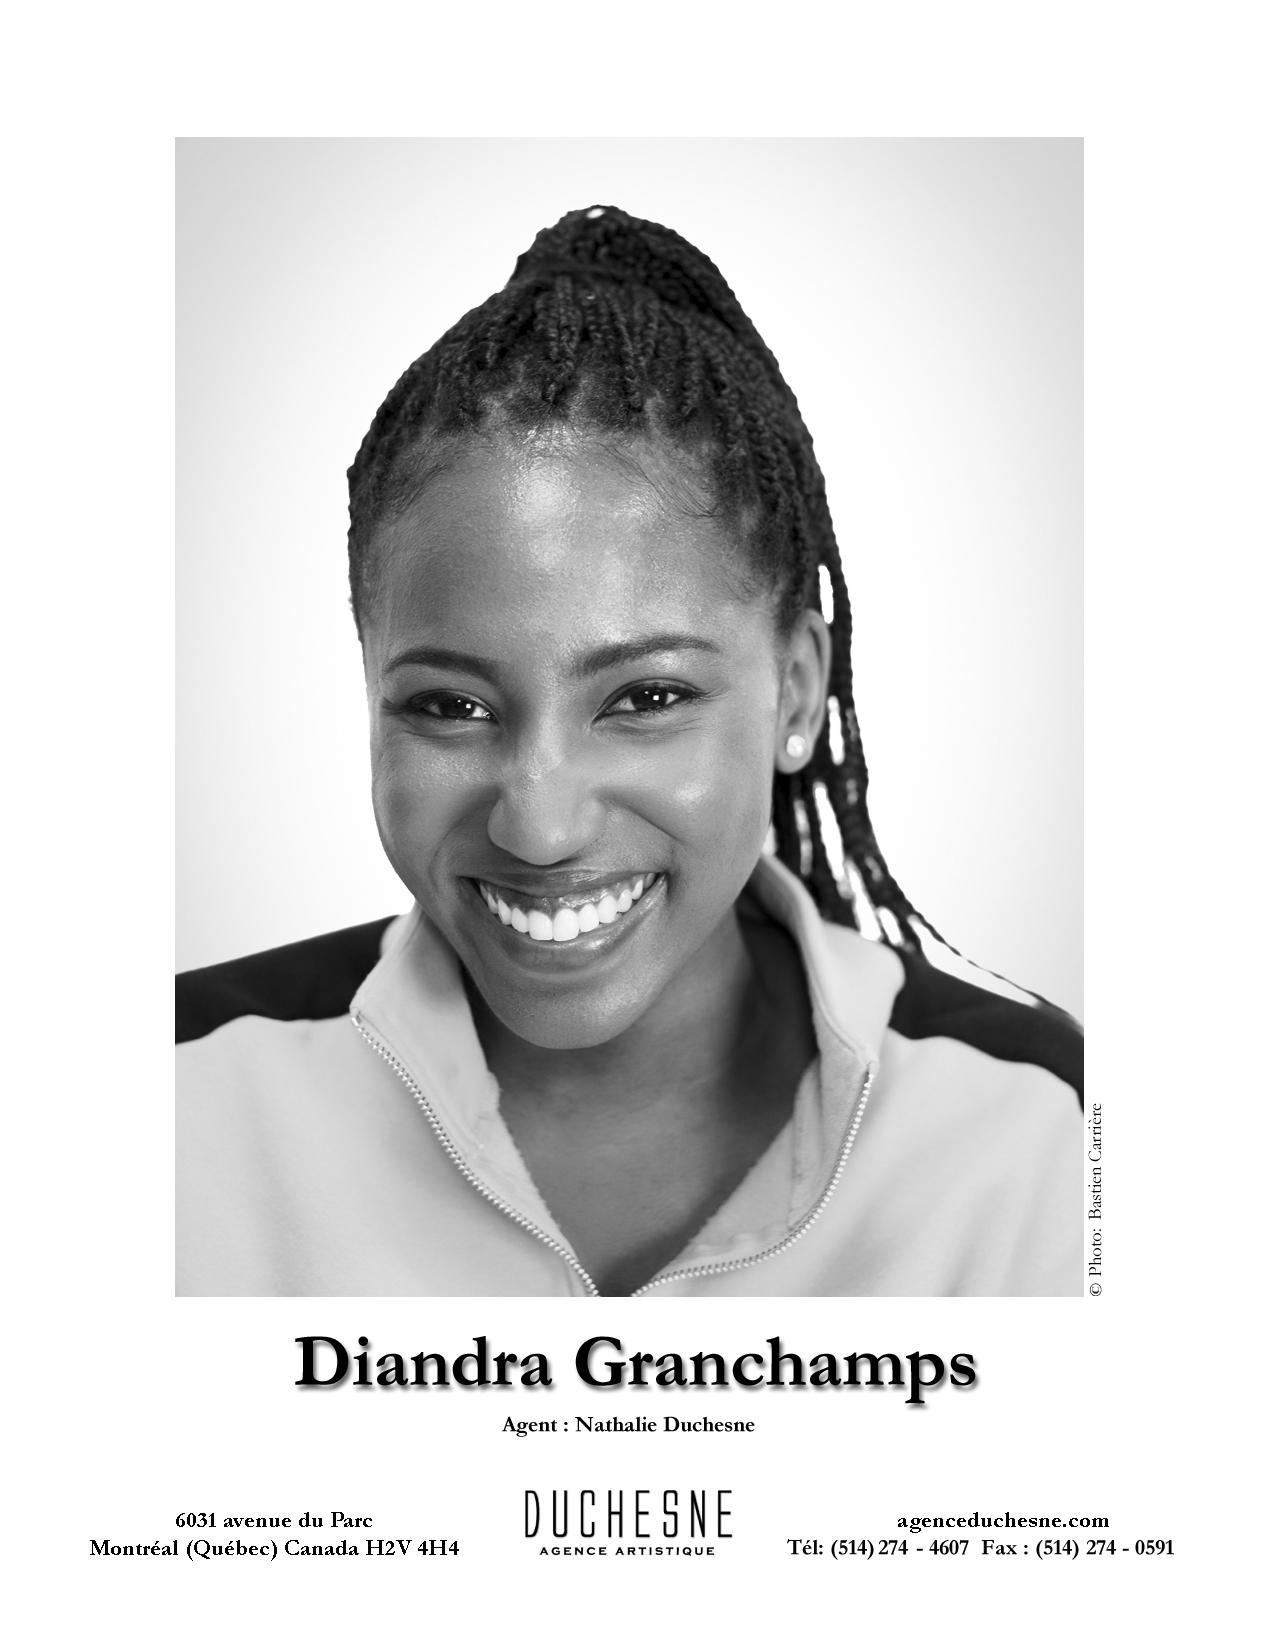 diandra grandchamps - cv